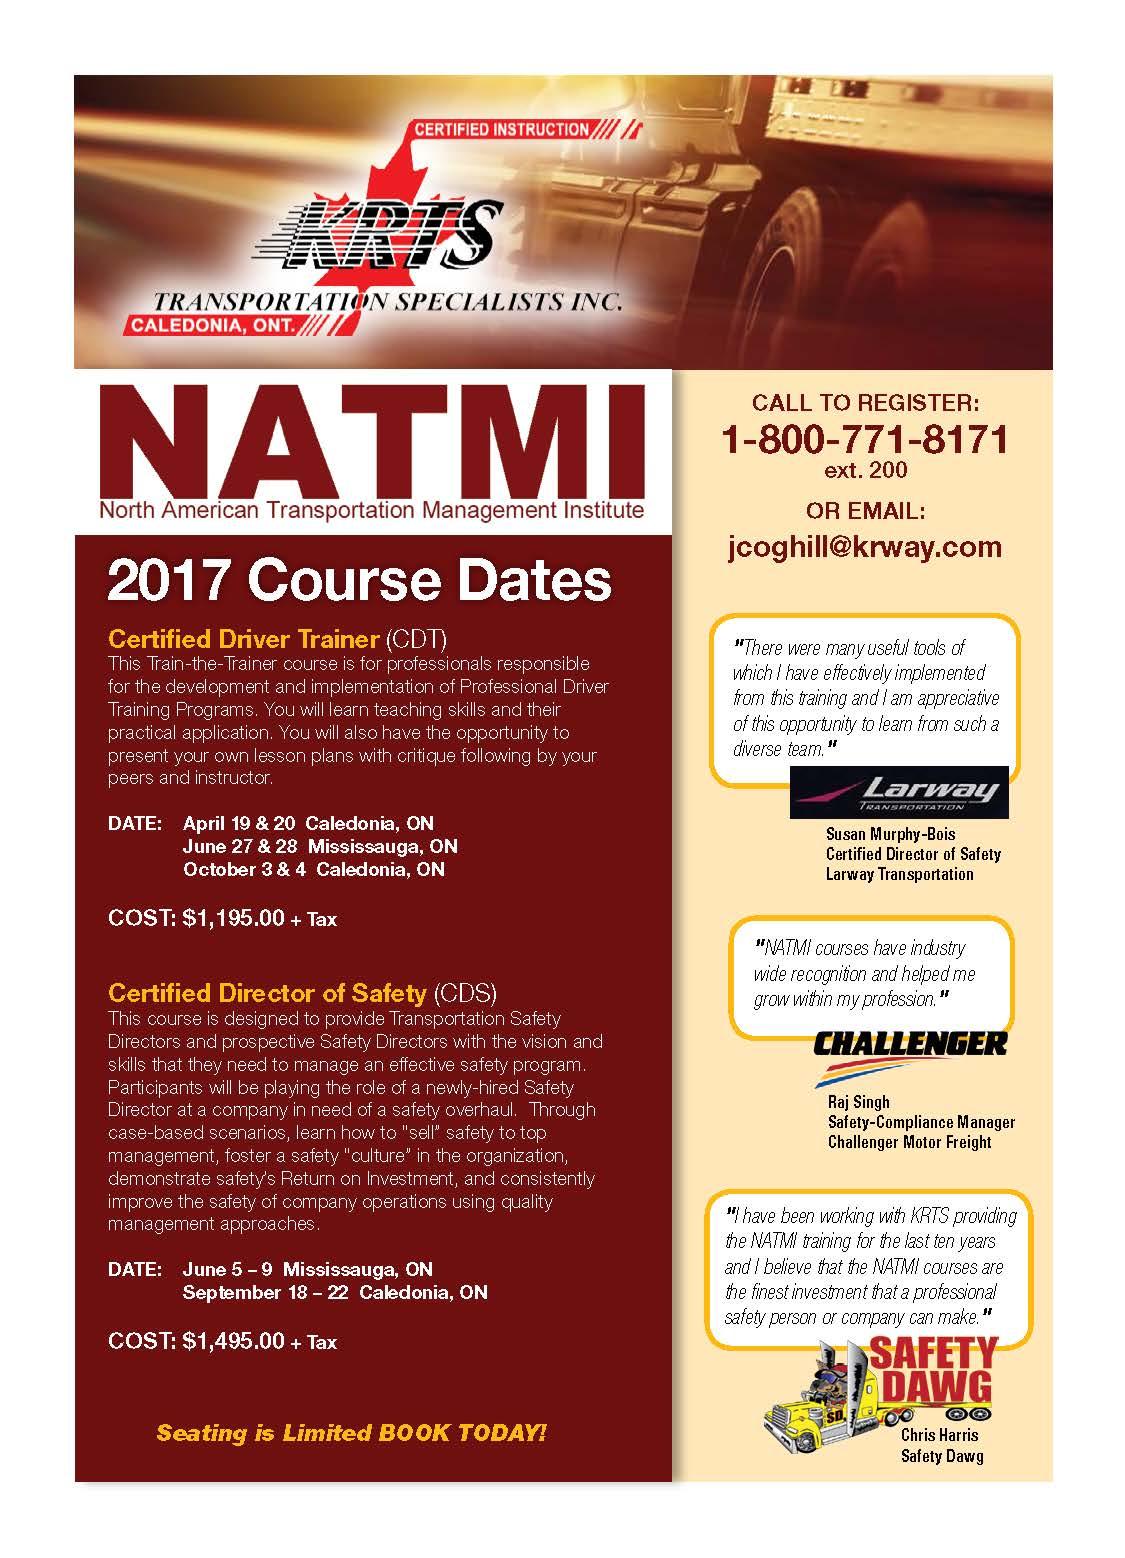 KRTS-NATMI Ad